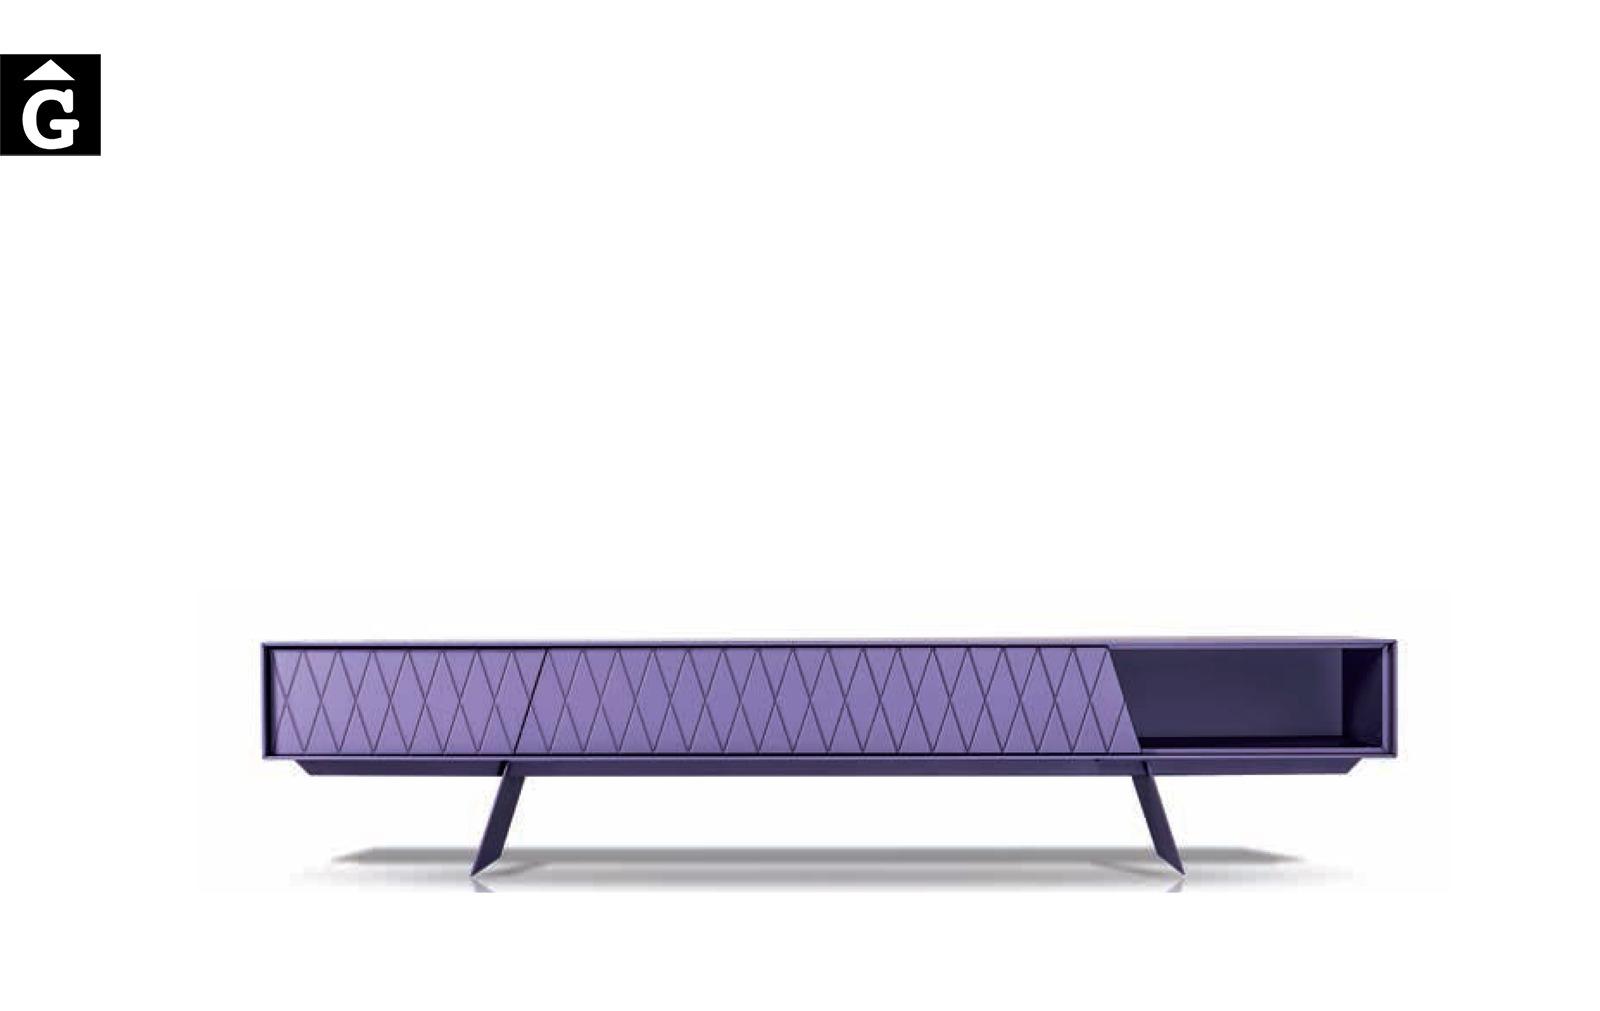 16 2 moble Tv lacat lila E-klipse al2 fabricant de mobles Grec distribuïdor mobles Gifreu